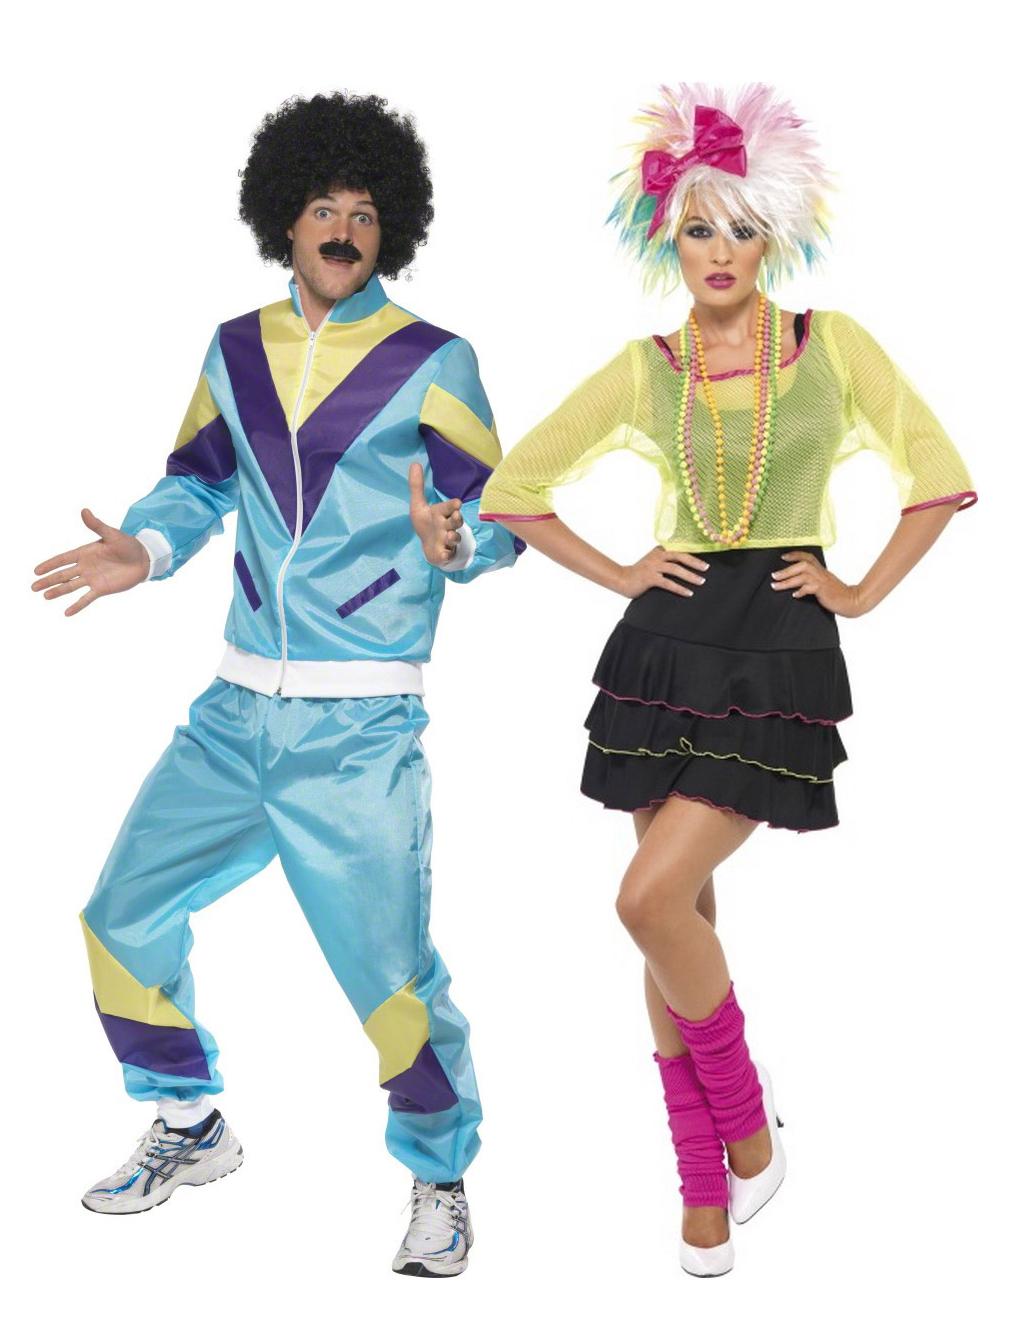 Disfraz de pareja años 80 adulto: Disfraces parejas,y disfraces originales baratos - Vegaoo